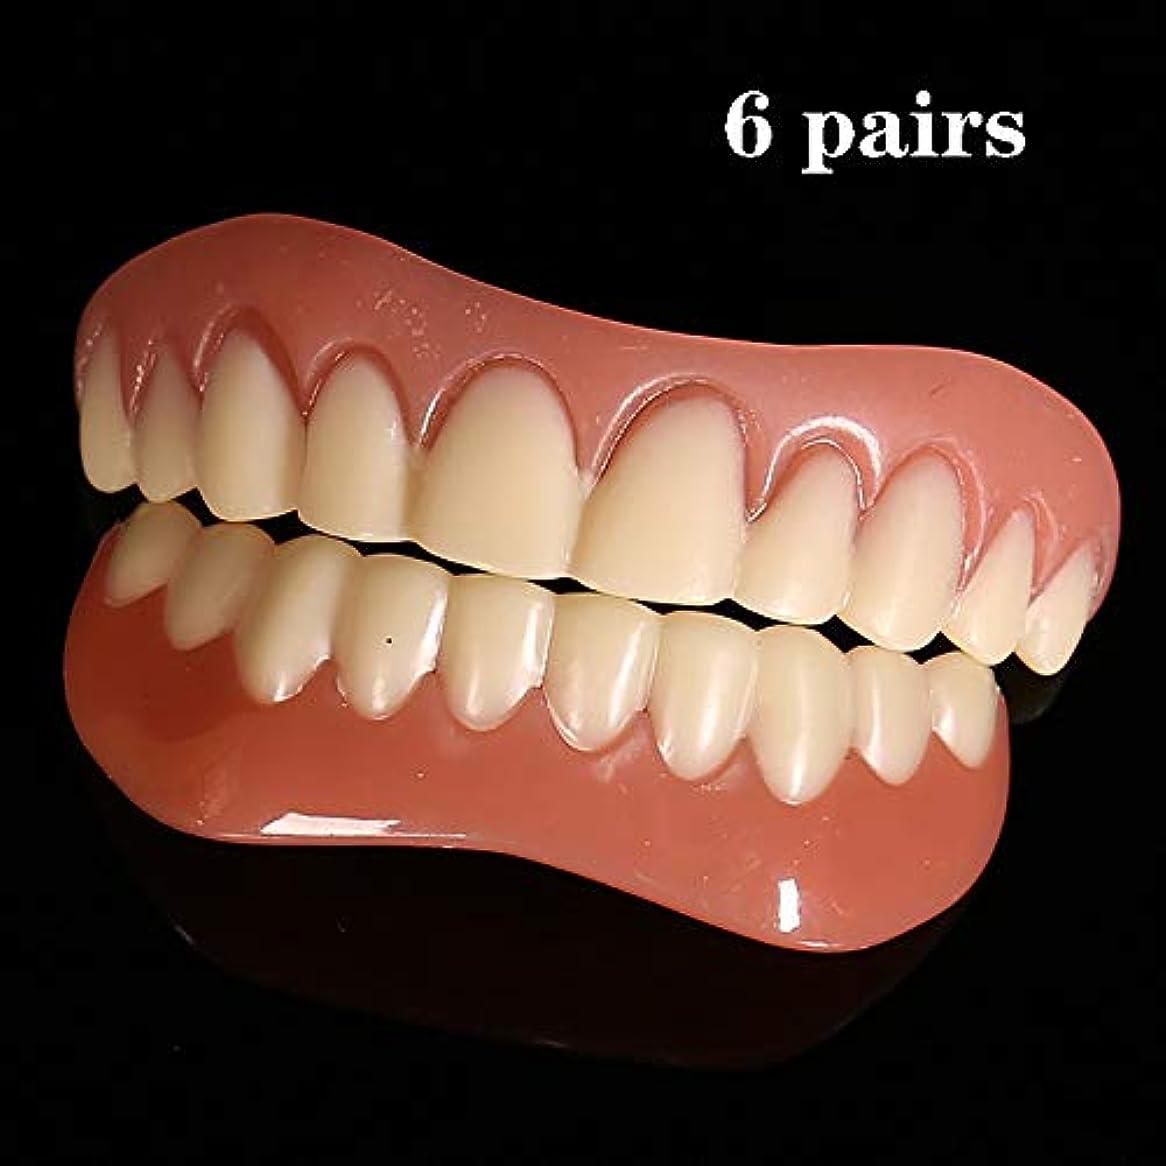 アシスタント公抜本的な歯突き板化粧品歯スナップオンセキュア6ペア上下の快適さフィット歯突き板安全インスタントスマイル化粧品ワンサイズ